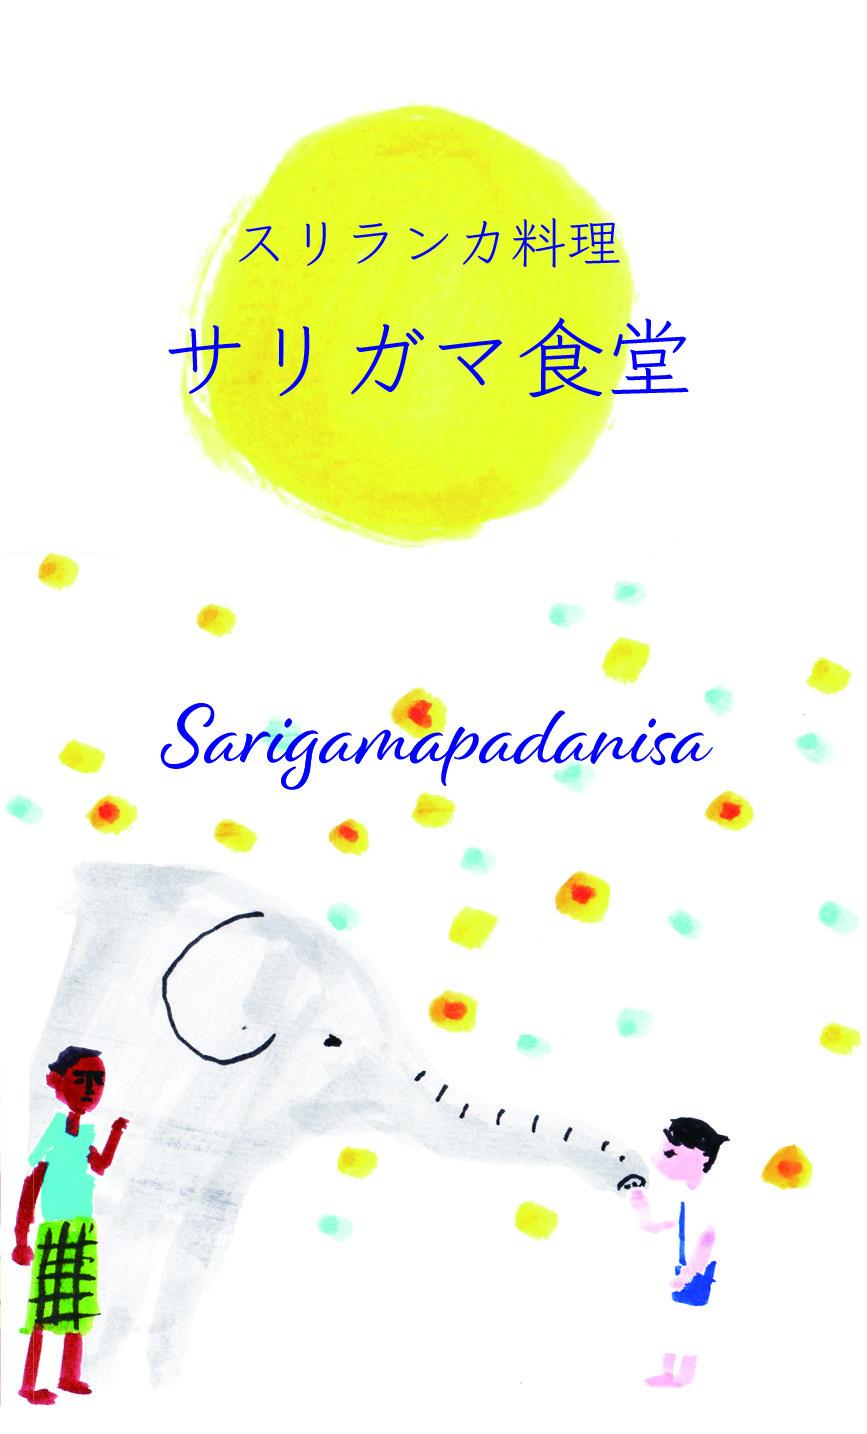 サリガマ食堂shopcard